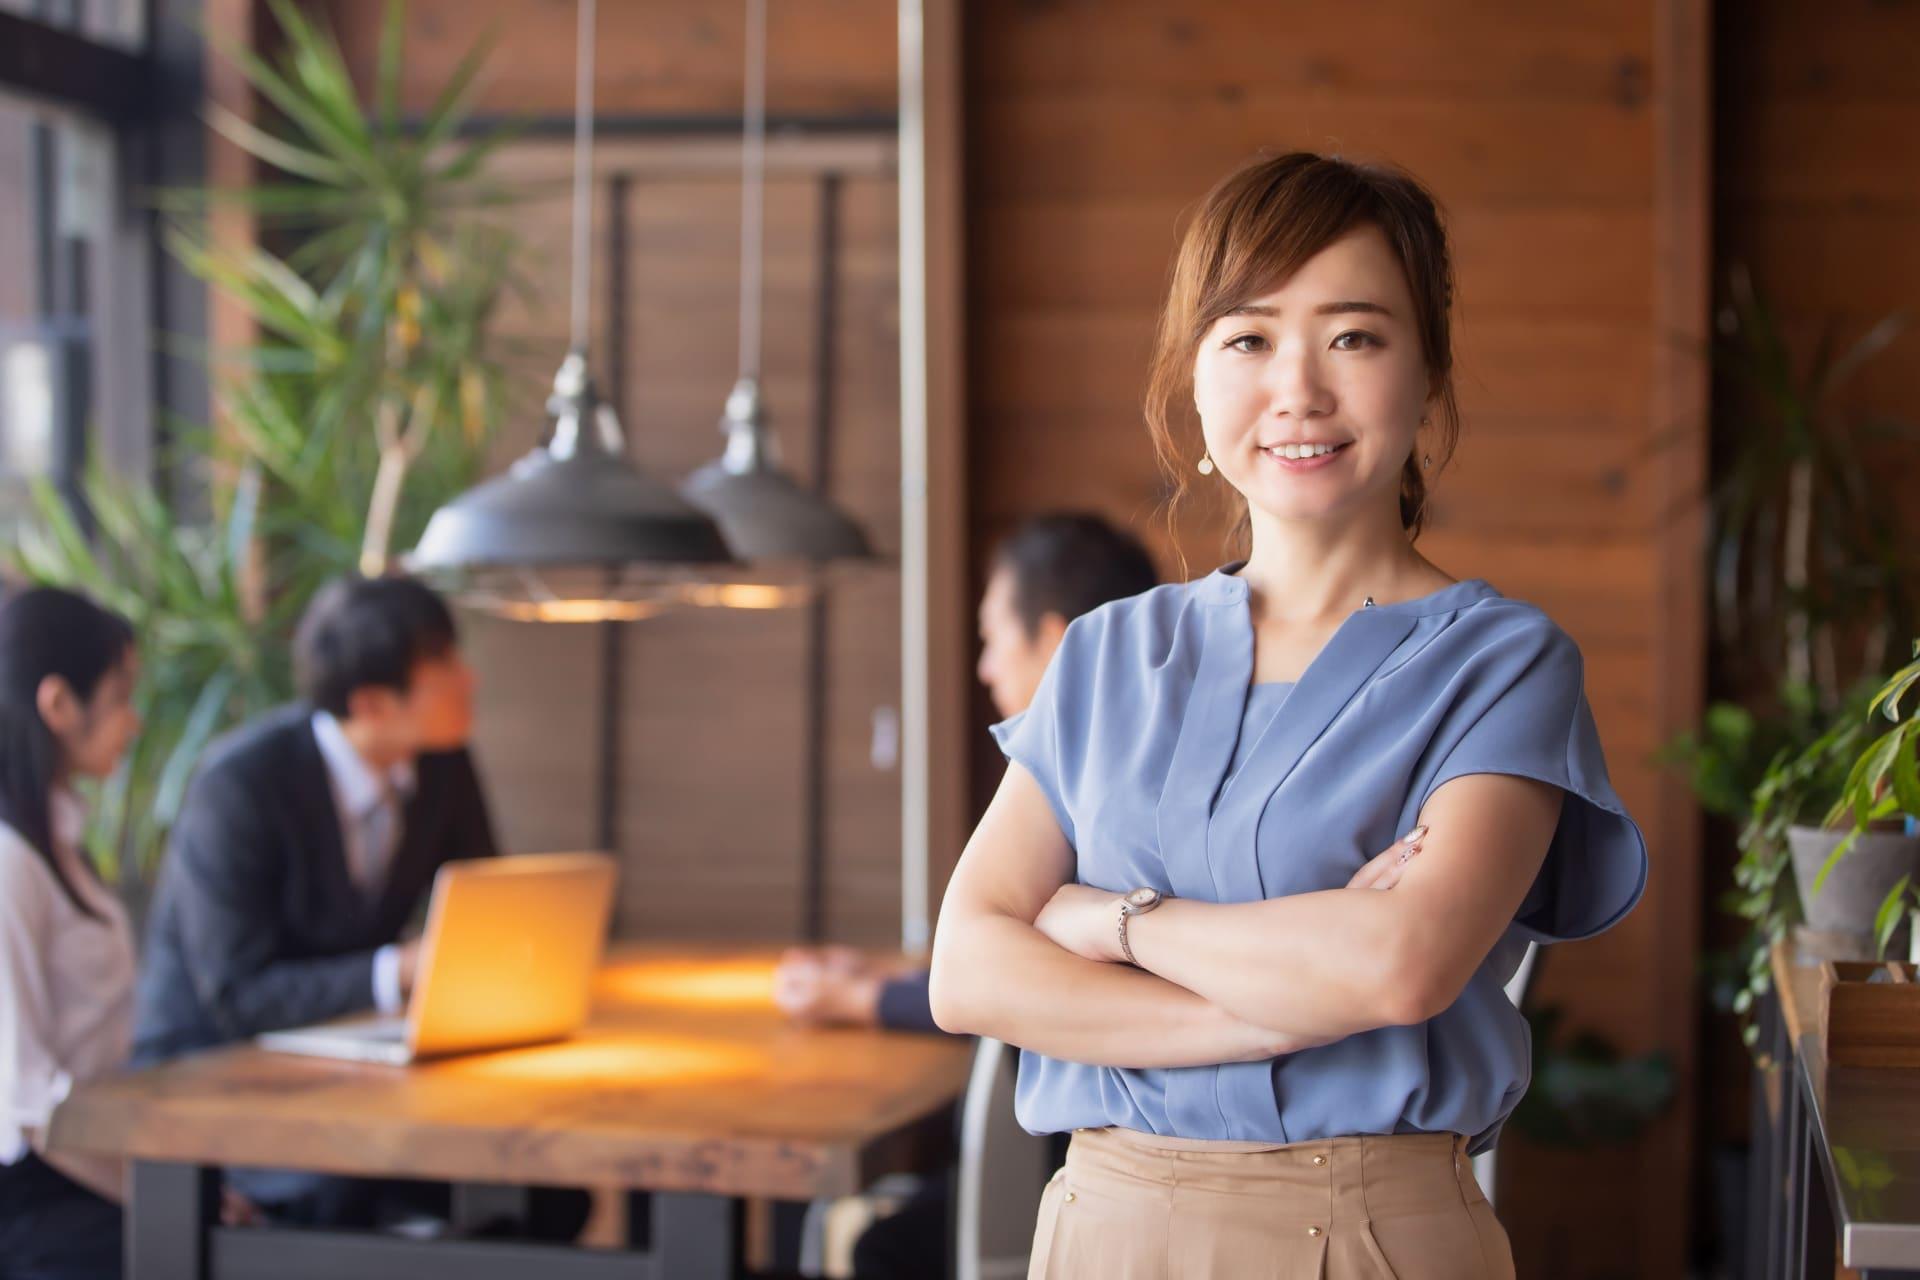 オフィスの女性